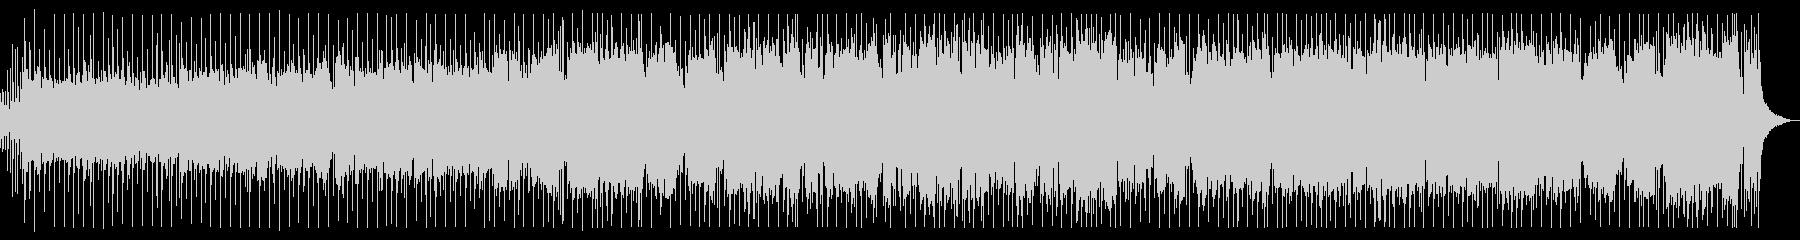 ザクザクギターのスピード感ある8ビートの未再生の波形